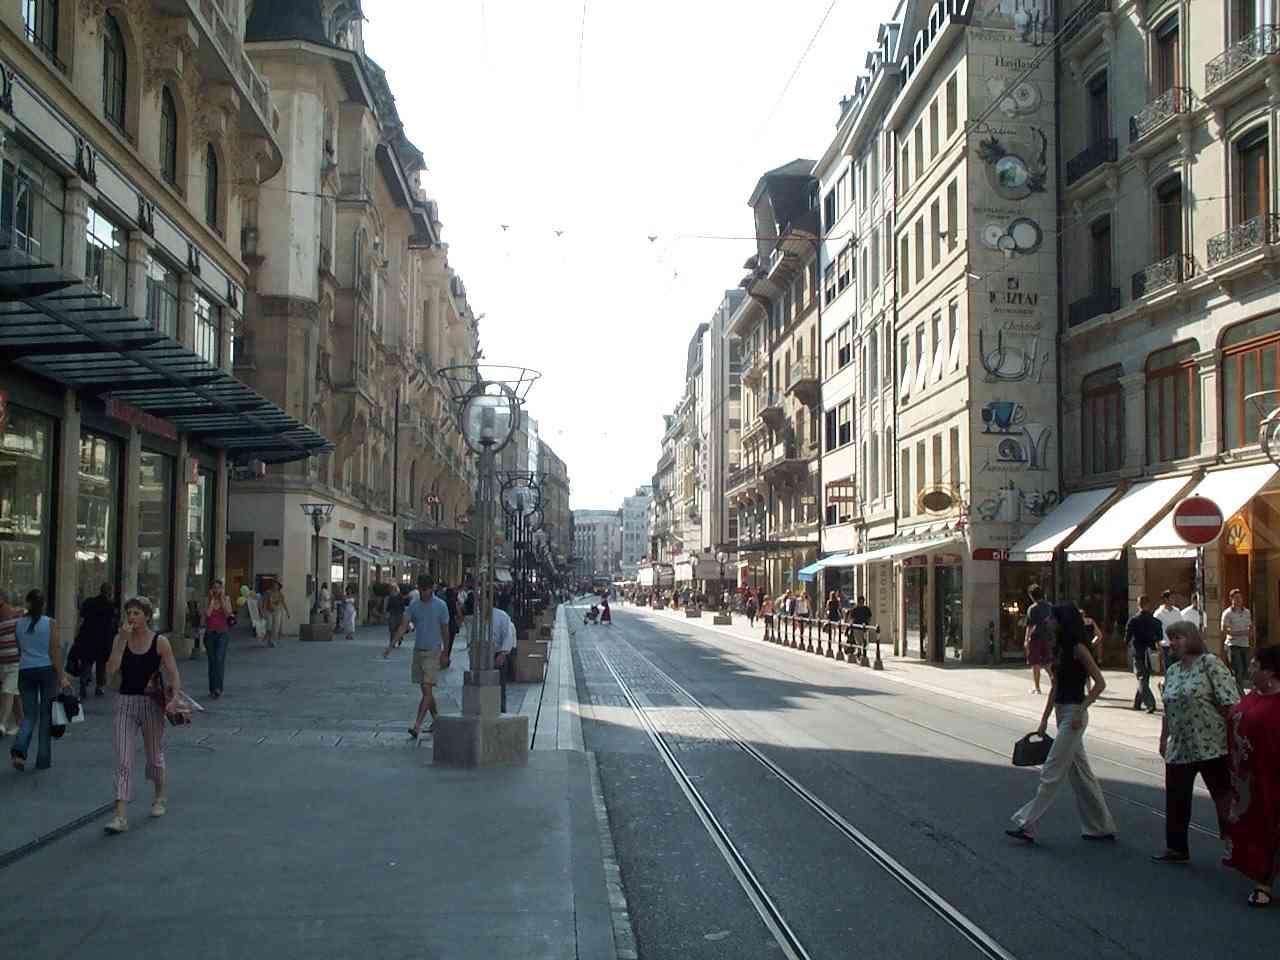 Street pedestrians shops